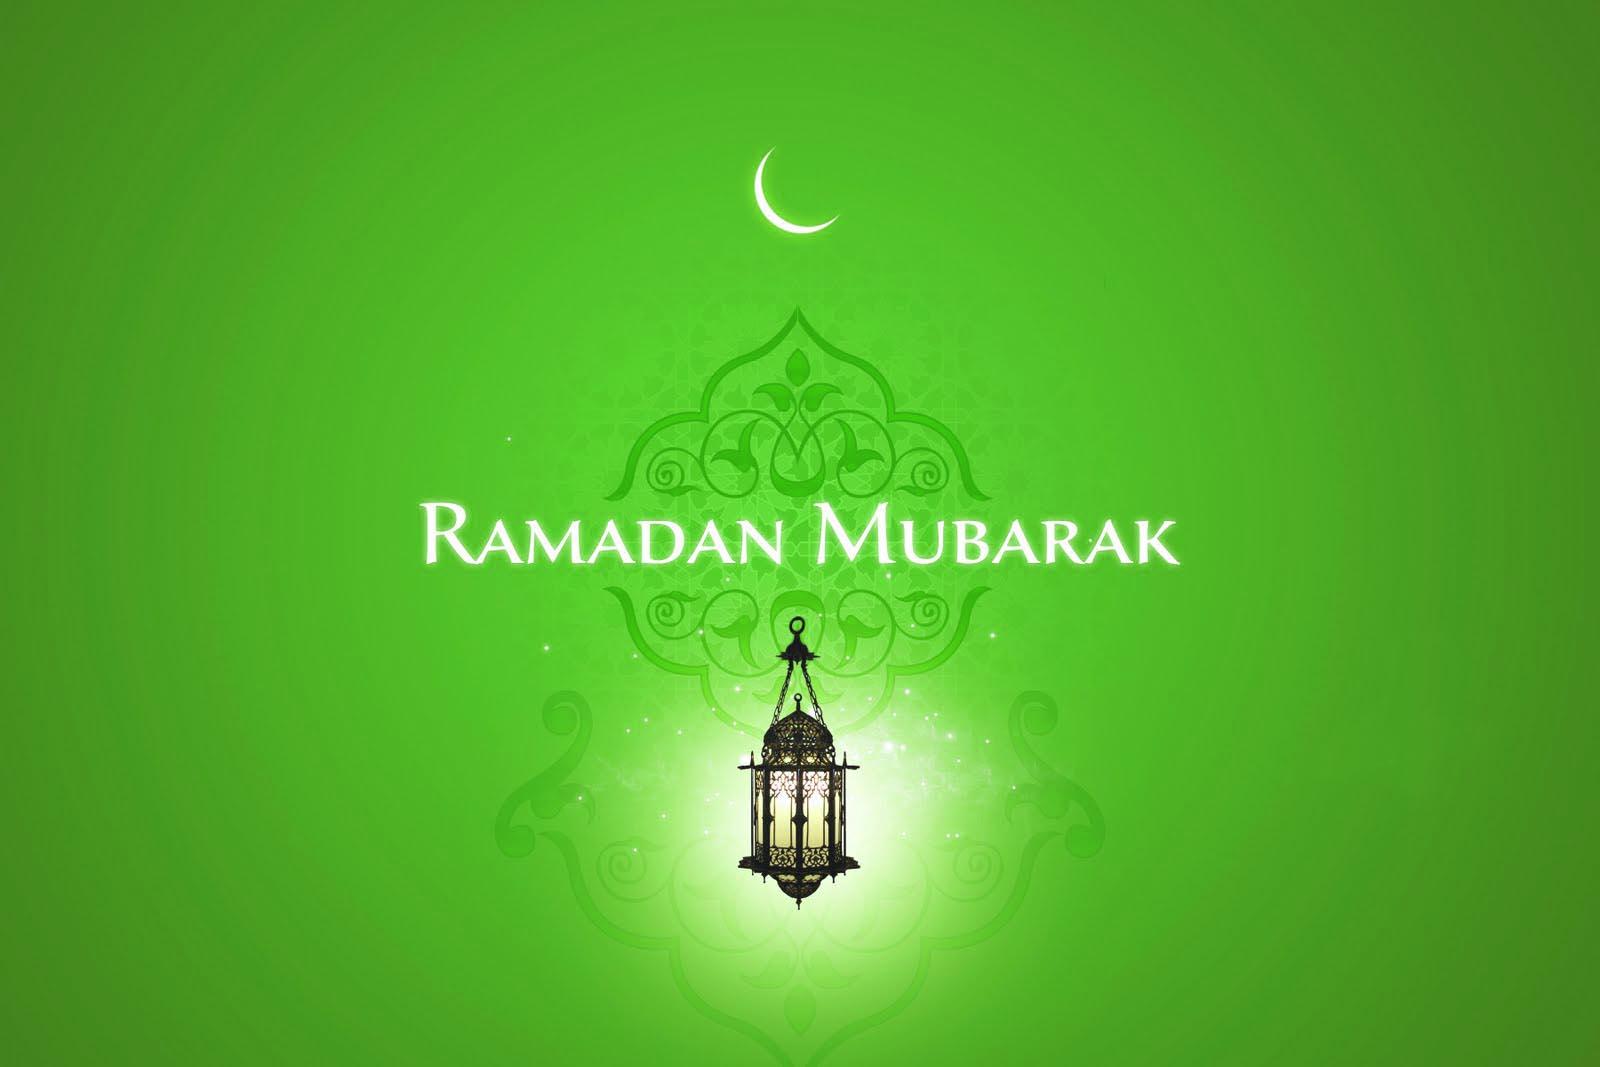 Ramadan Mubarak 2018 image